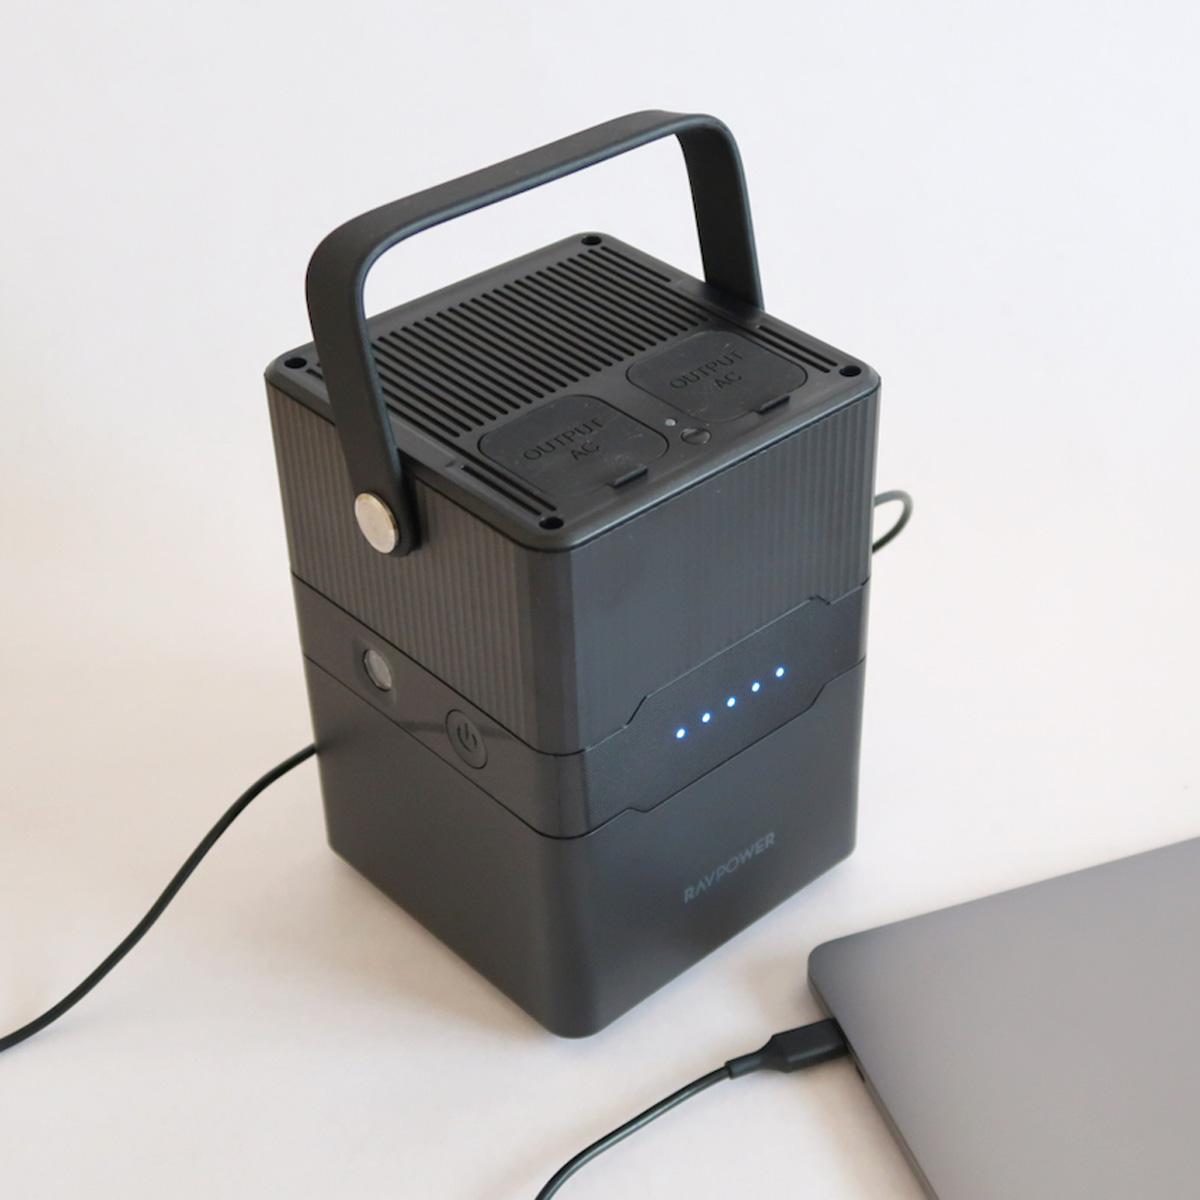 アウトドアで大活躍! 手軽に持ち運びできるRAVPowerの小型ポータブル電源「RP-PB187」